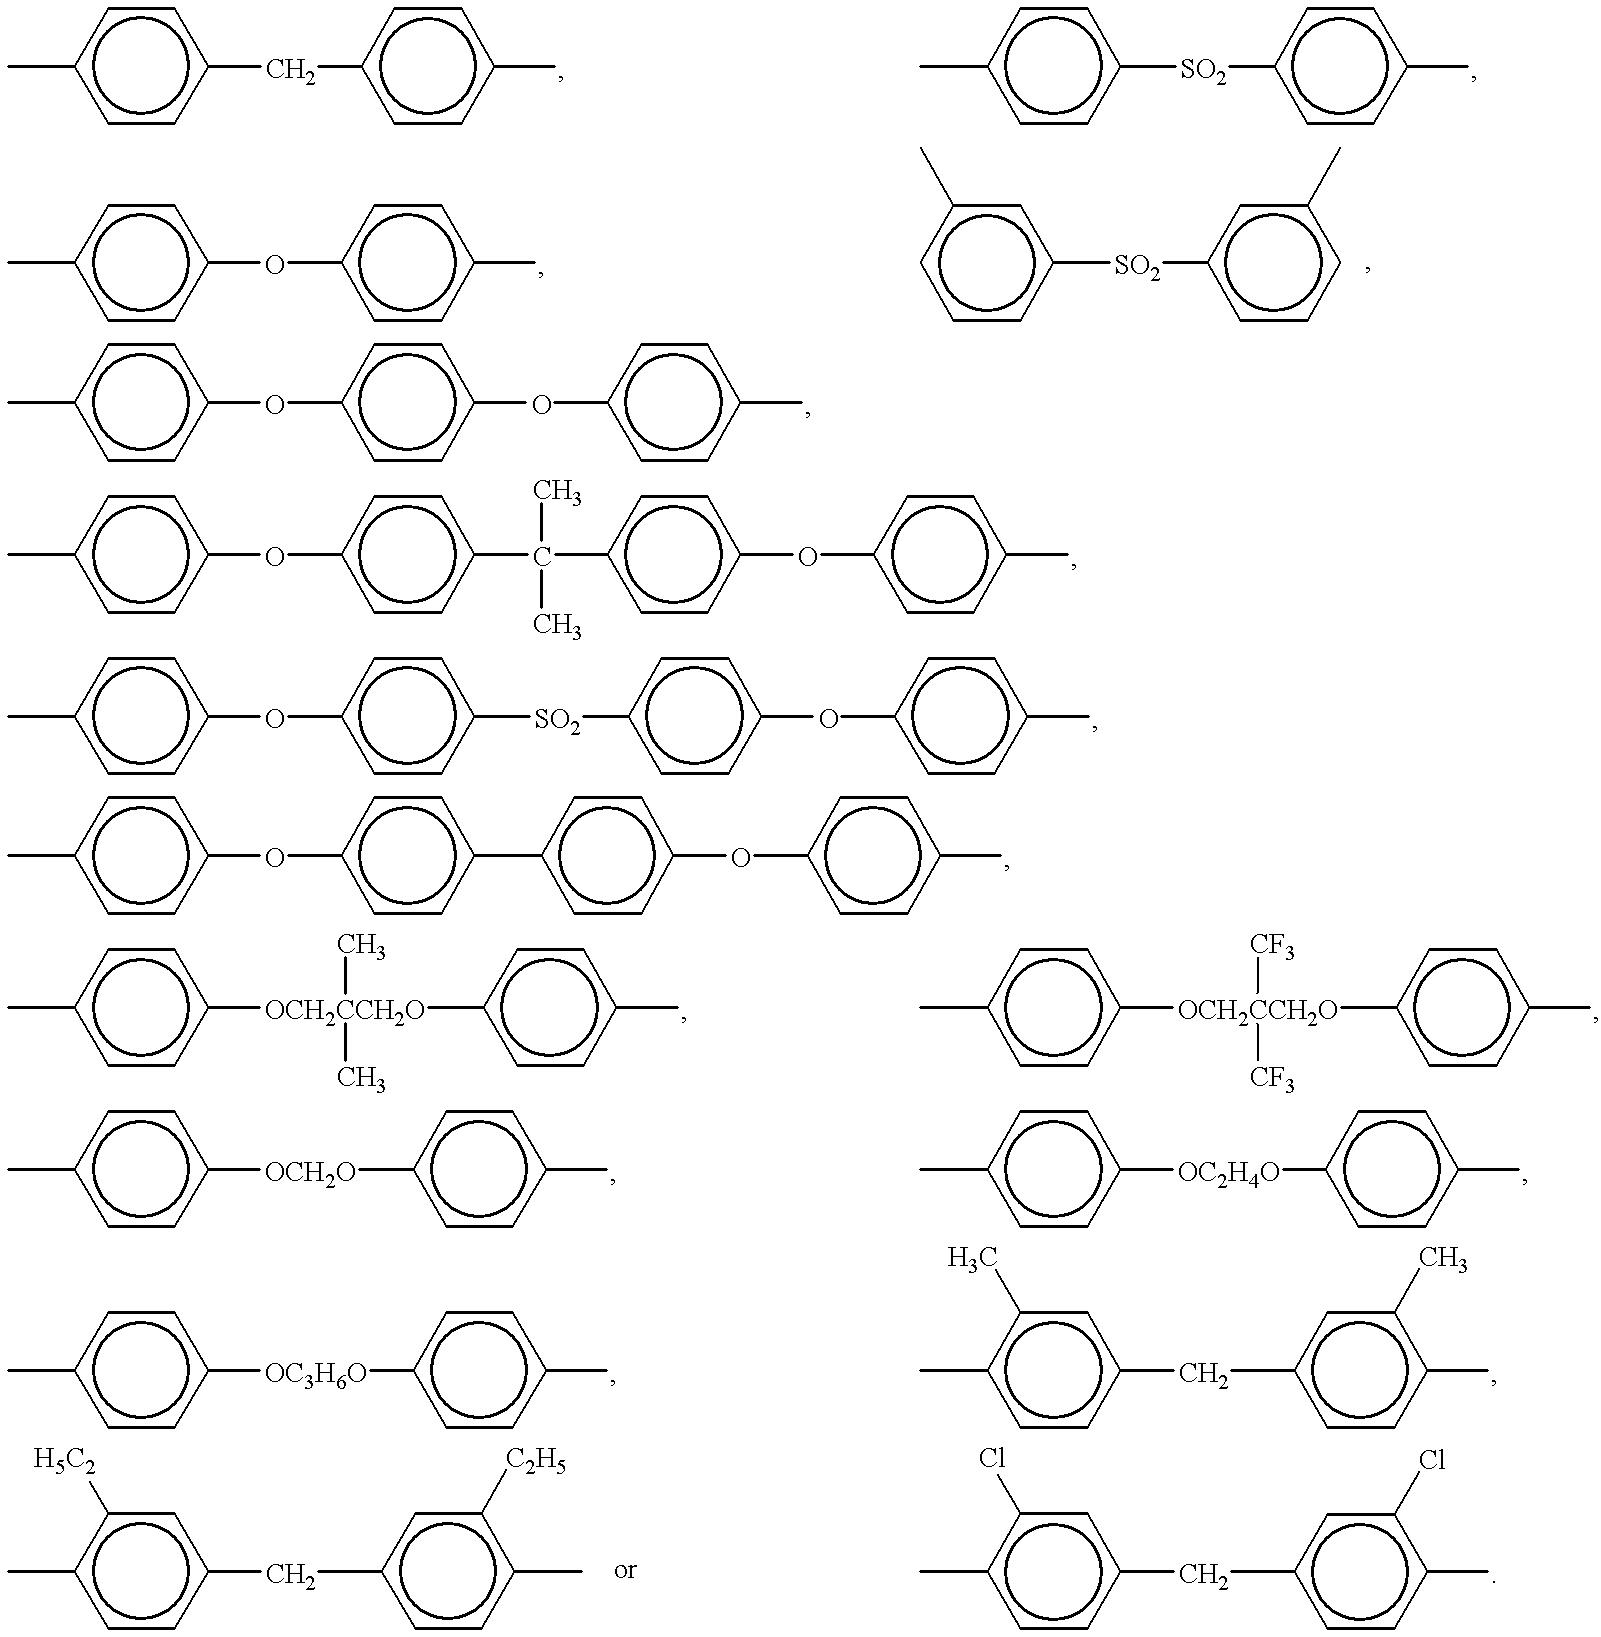 Figure US06180560-20010130-C00003